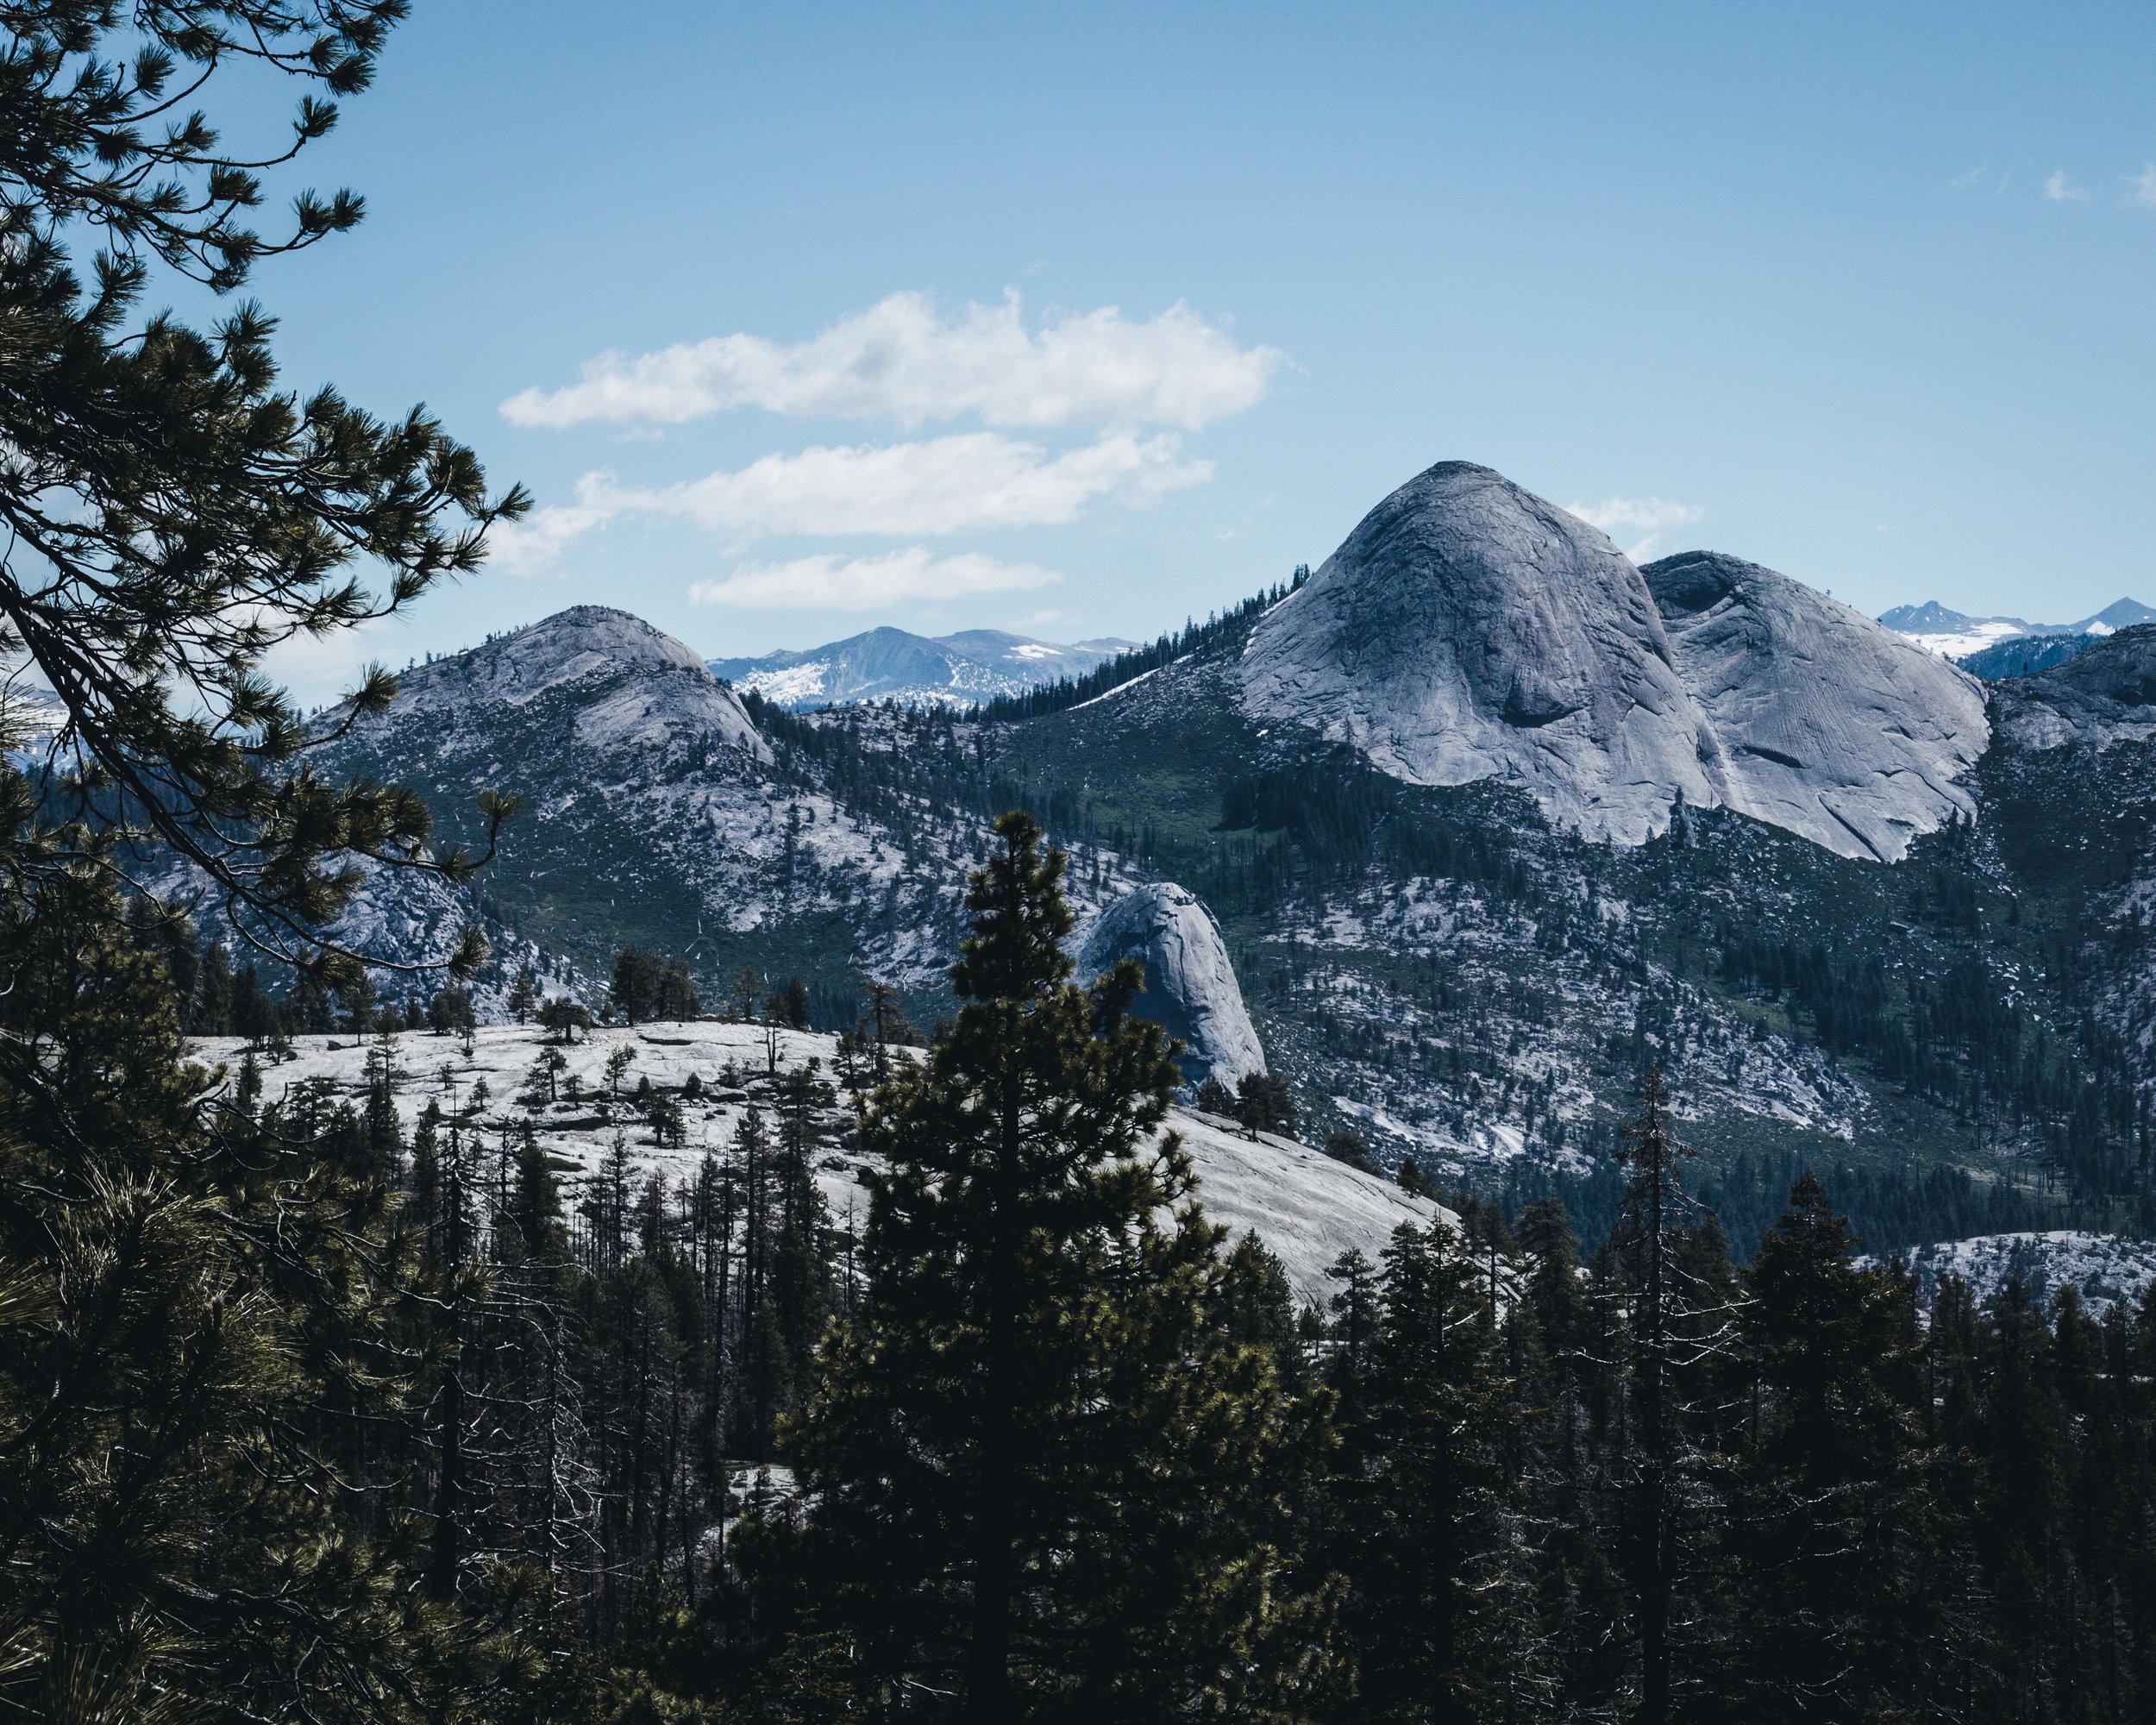 Mountains Yosemite - Herschl 2.jpg